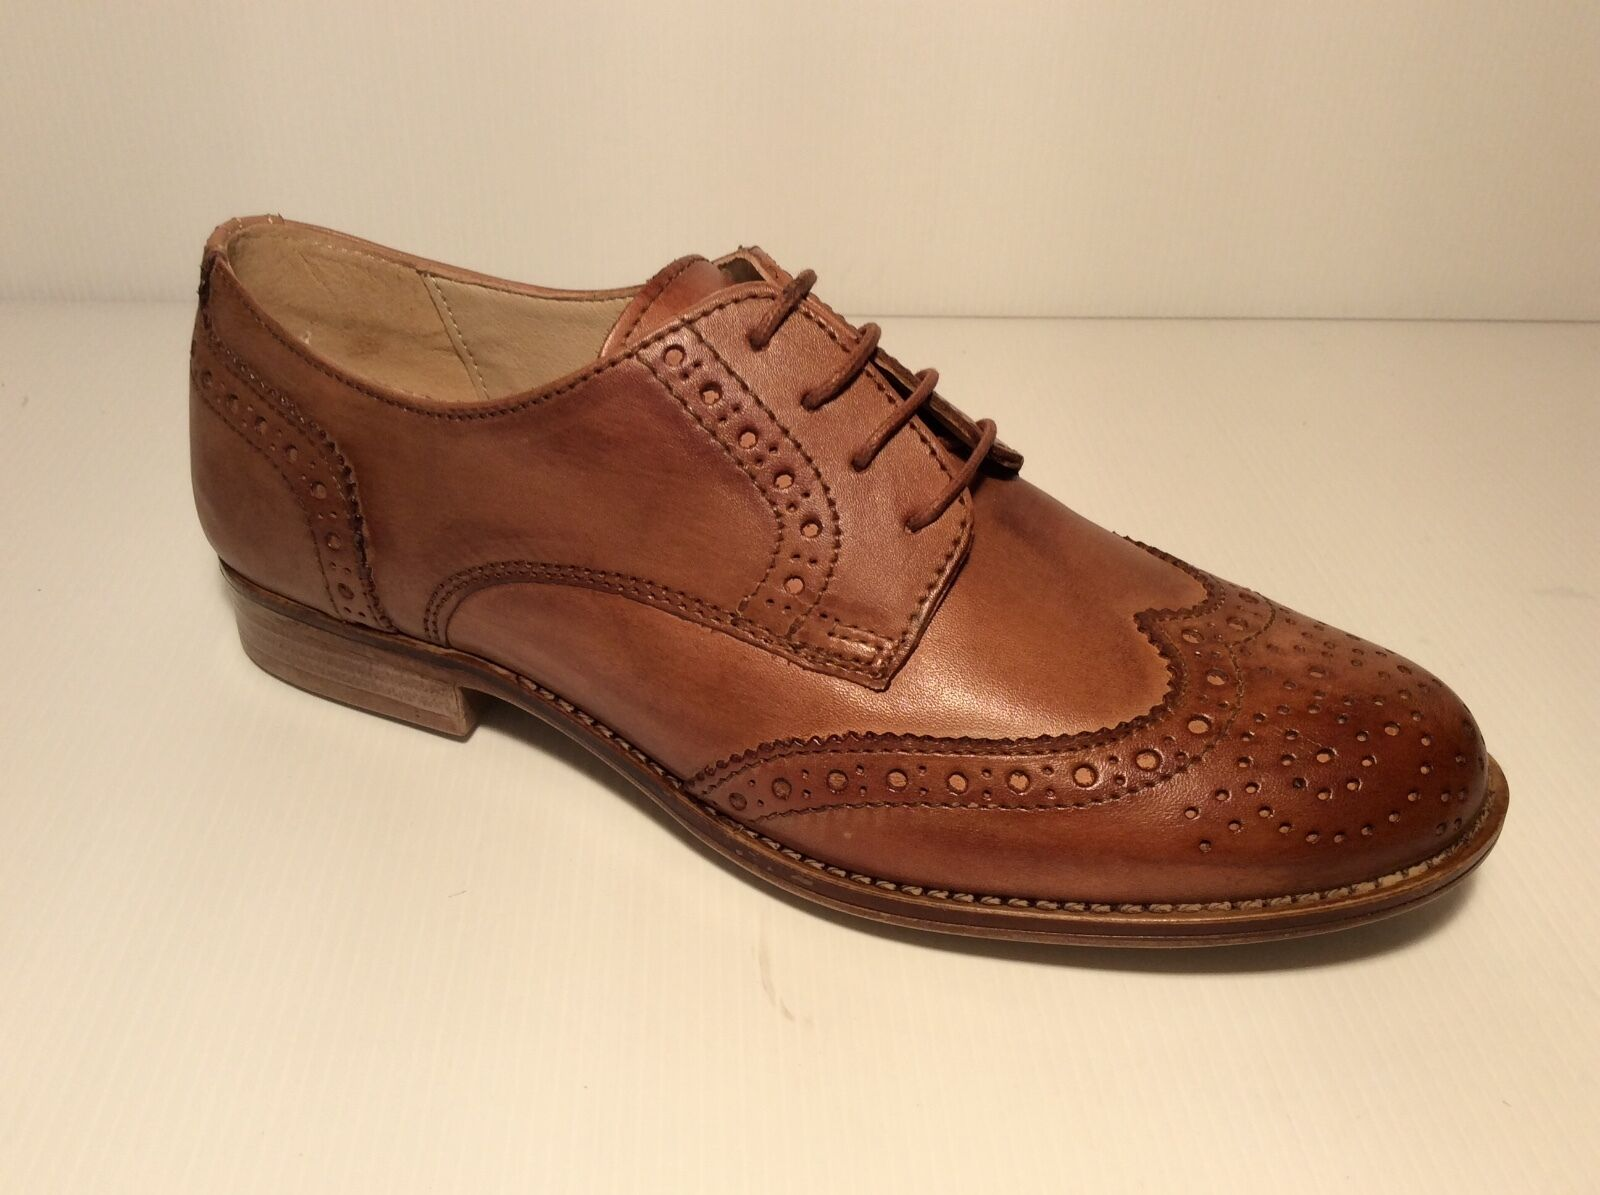 Chaussures pour femmes Richelieu Mode Cuir Véritable Ellen Blake 1111 Col Cognac